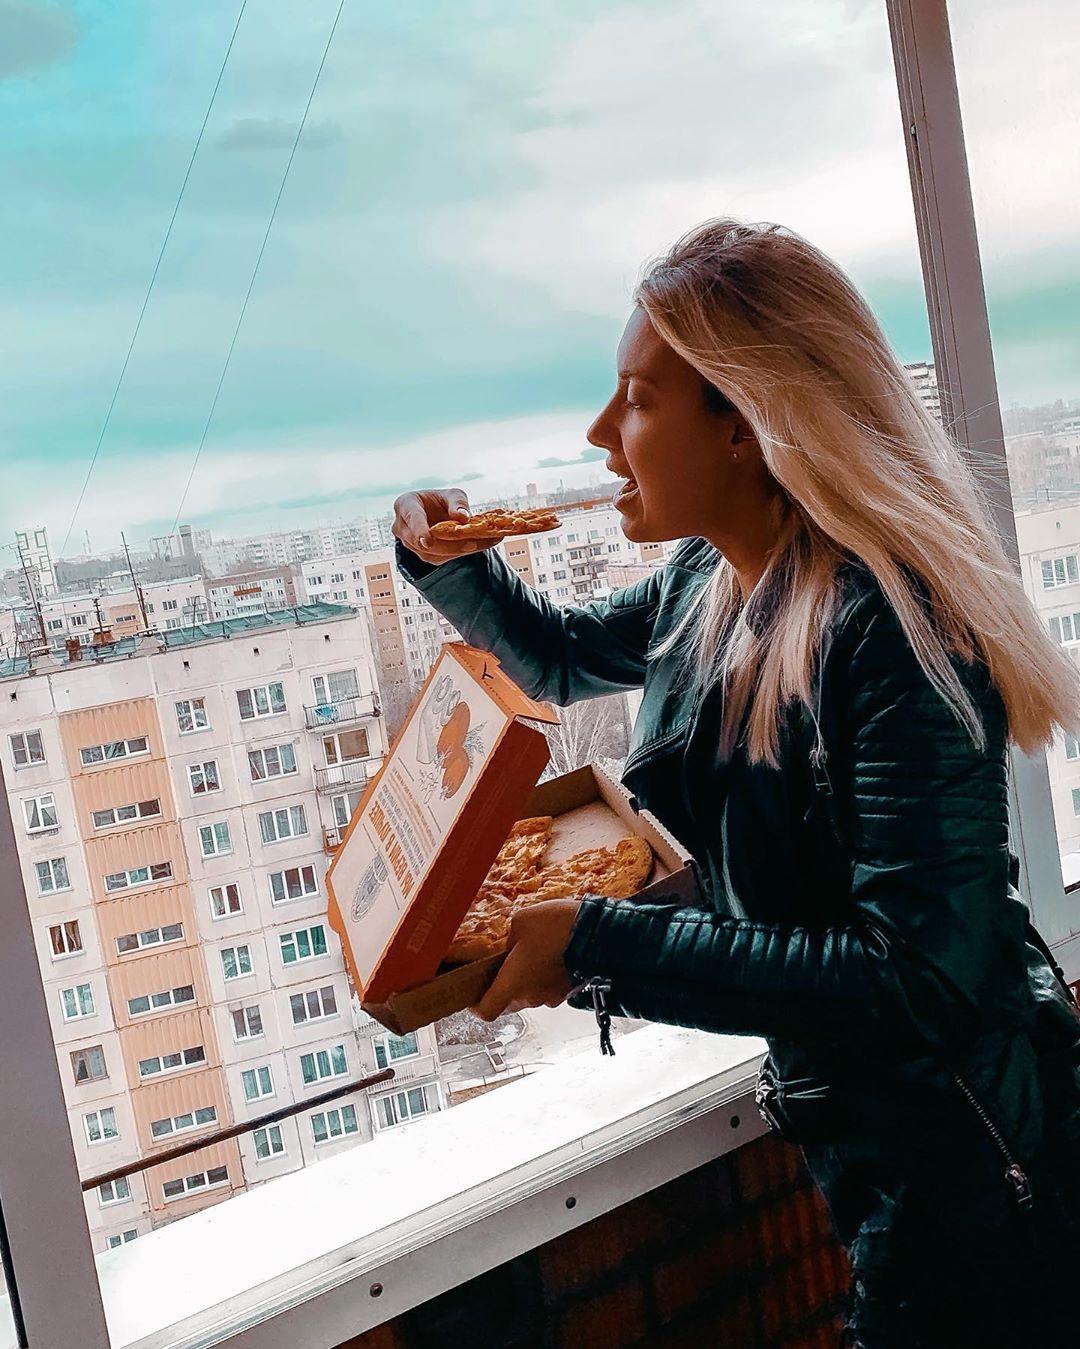 Поставить гриль на балконе многим весьма проблематично, а вот поесть пиццу с видом на окрестности — вполне реально